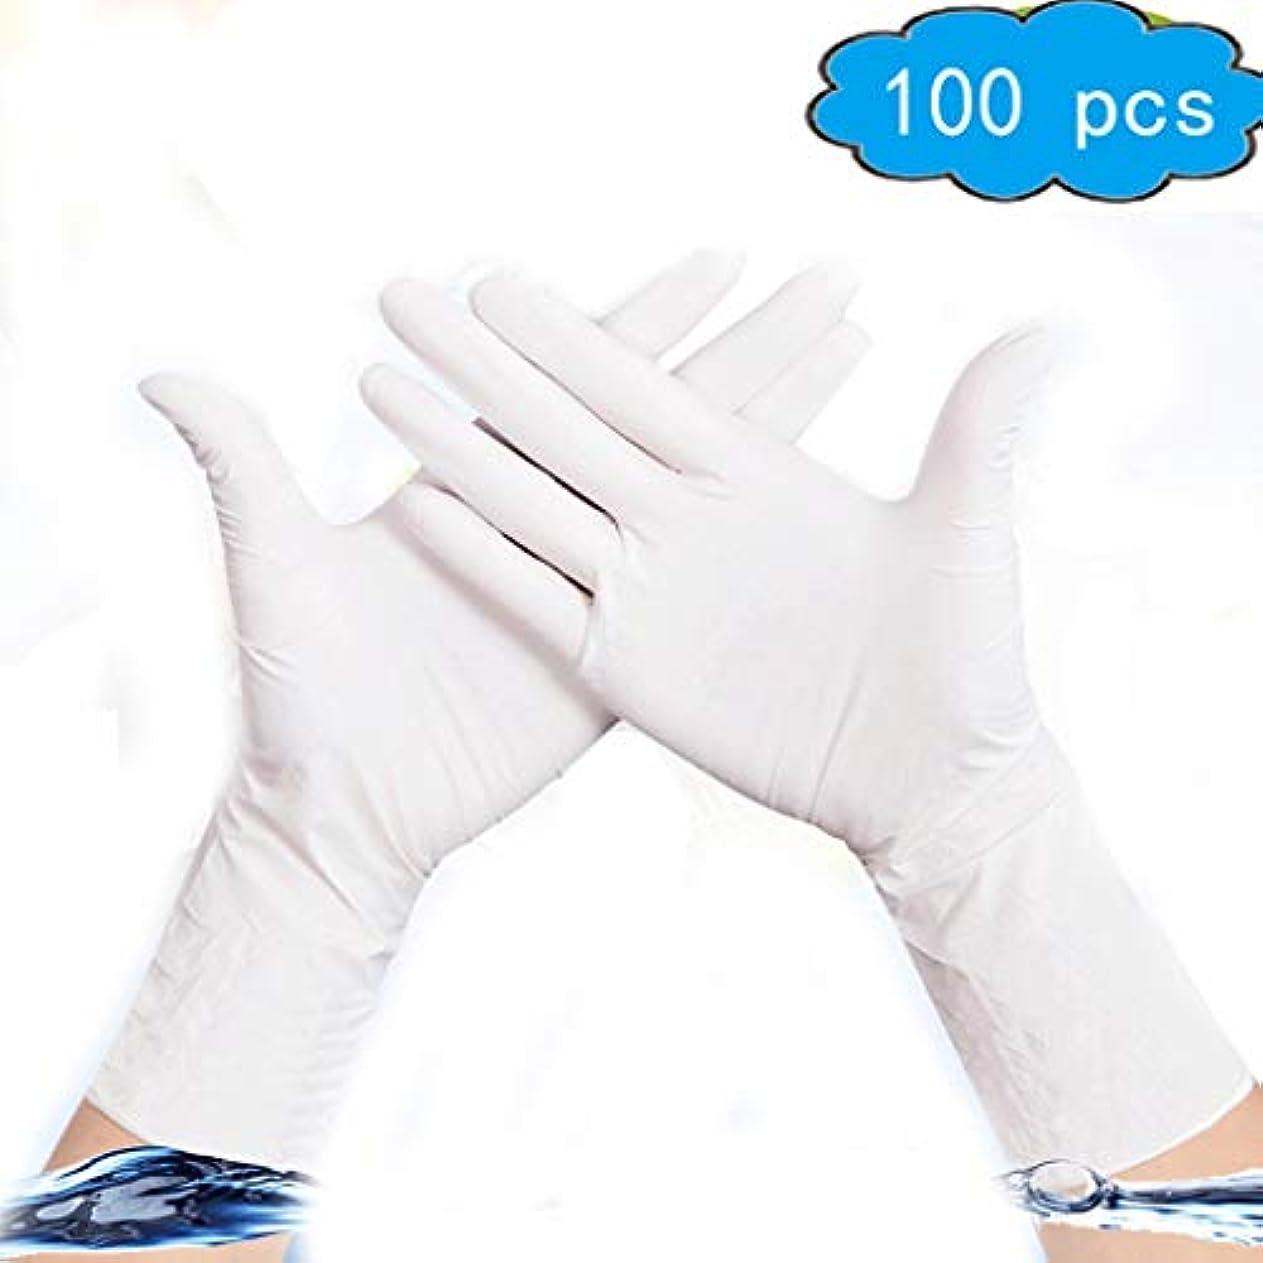 一掃する先住民骨の折れる使い捨てニトリル手袋、無粉末、滑らかな肌触り、食品グレード、非滅菌[100パック]、サニタリー手袋、家庭用品、ツール&ホームインプルーブメント (Color : White, Size : XS)